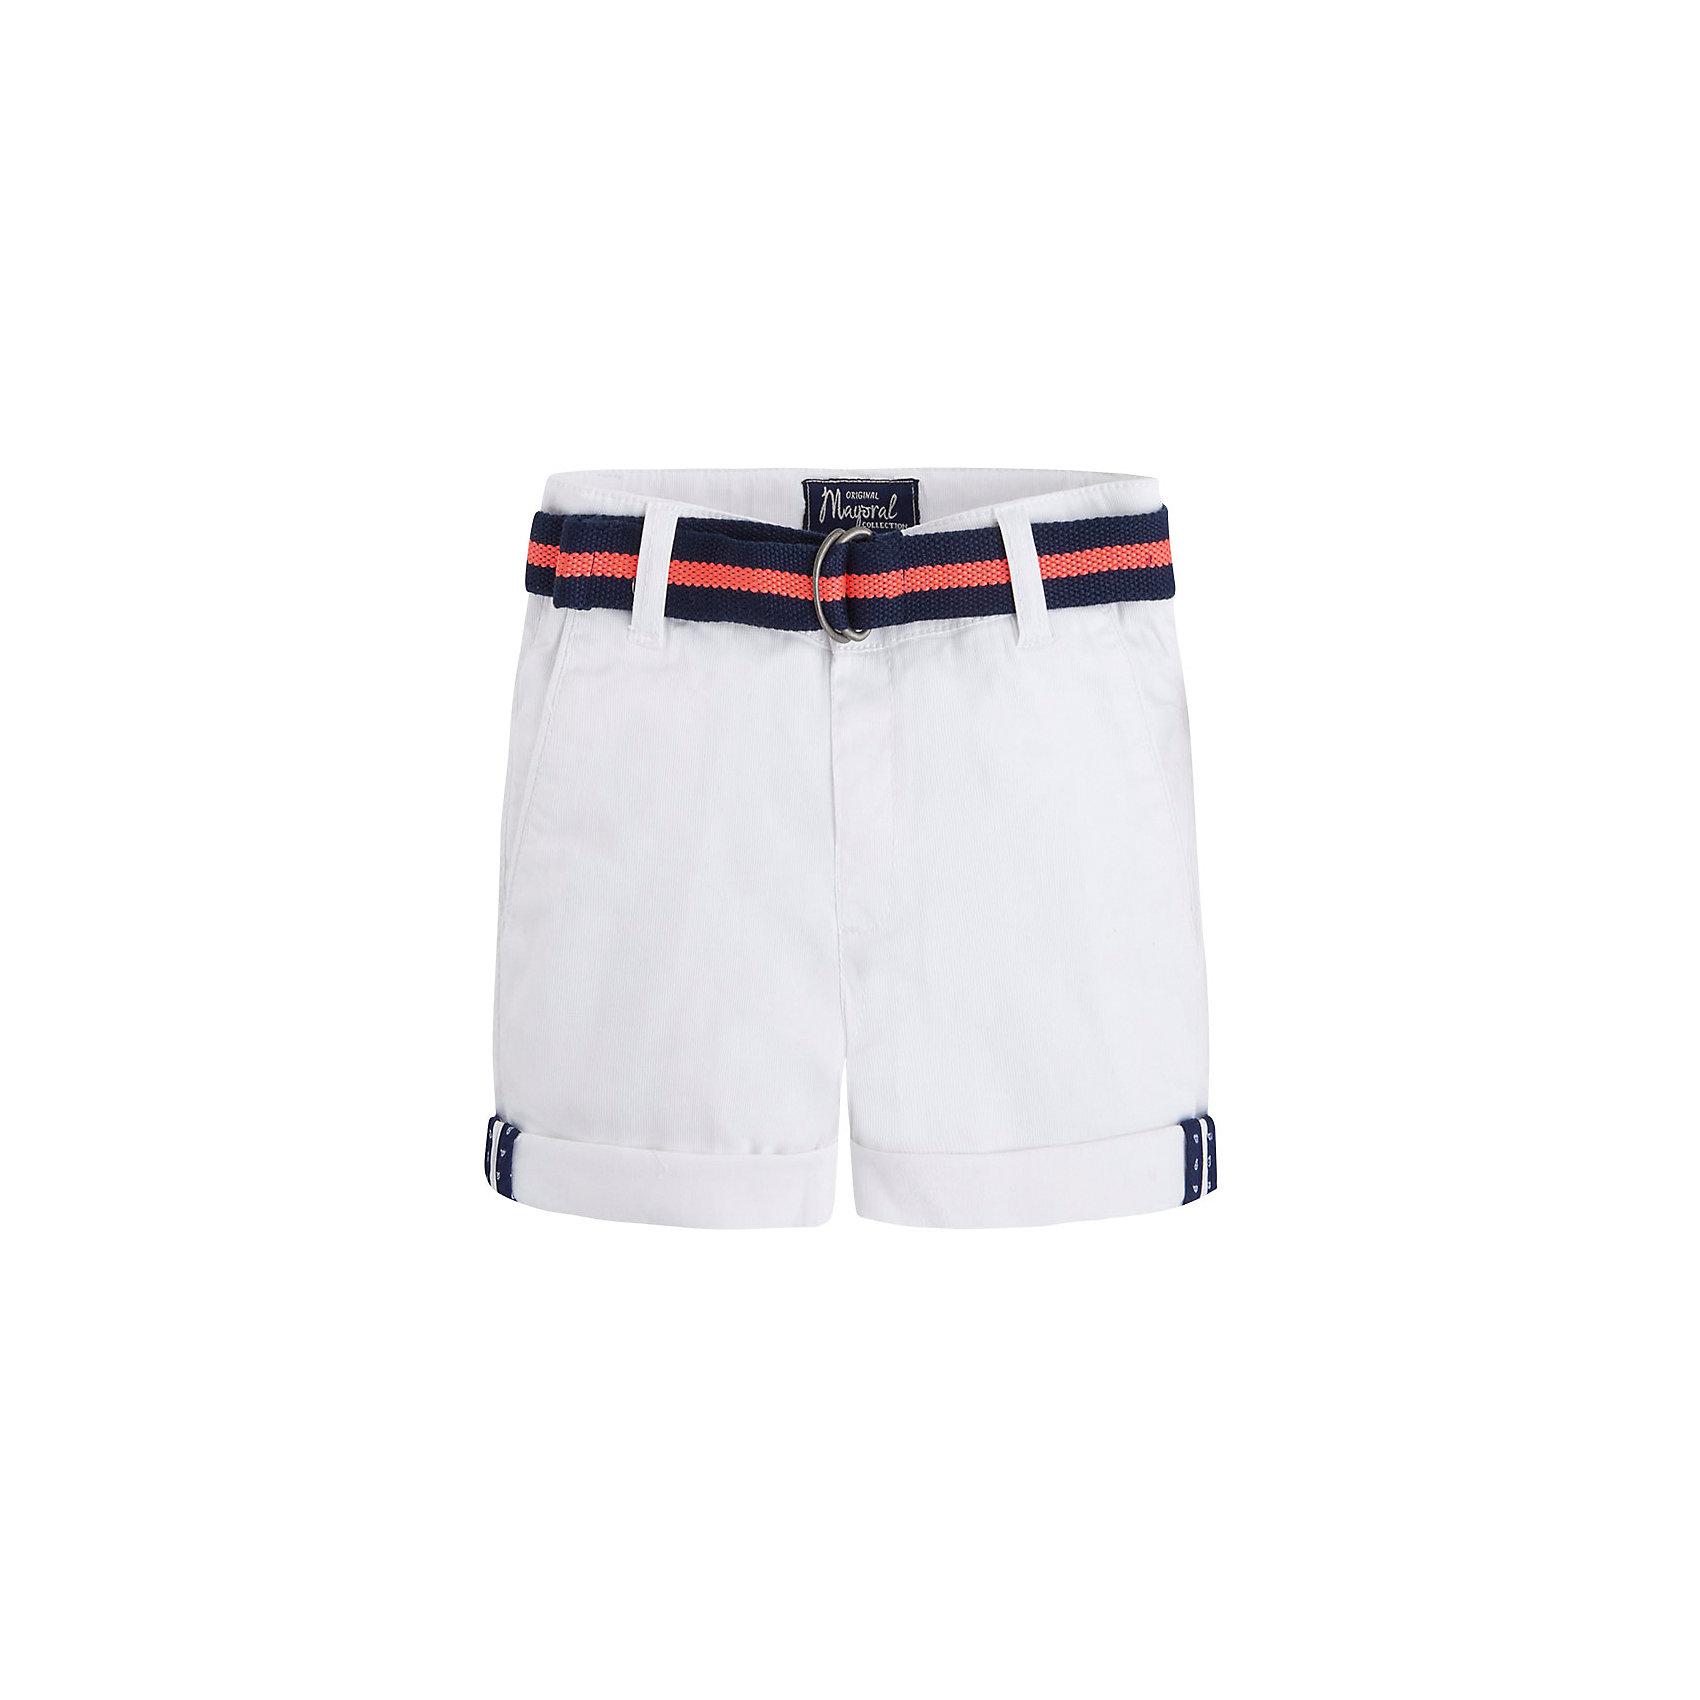 Шорты для мальчика MayoralШорты для мальчика от известной испанской марки Mayoral <br><br>Легкие шорты от Mayoral прекрасно сочетаются с футболками и рубашками. Пояс регулируется с помощью внутренней резинки. Модель выполнена из качественных материалов, отлично сидит по фигуре.<br><br>Особенности модели:<br><br>- цвет: белый;<br>- в комплекте - текстильный ремень;<br>- наличие карманов;<br>- отвороты;<br>- шлевки для ремня;<br>- внутренние резинки для регулировки пояса.<br><br>Дополнительная информация:<br><br>Состав: 98% хлопок, 2% эластан<br><br>Шорты для мальчика Mayoral (Майорал) можно купить в нашем магазине.<br><br>Ширина мм: 191<br>Глубина мм: 10<br>Высота мм: 175<br>Вес г: 273<br>Цвет: белый<br>Возраст от месяцев: 24<br>Возраст до месяцев: 36<br>Пол: Мужской<br>Возраст: Детский<br>Размер: 98,92,104,110,116,122,128,134<br>SKU: 4541862